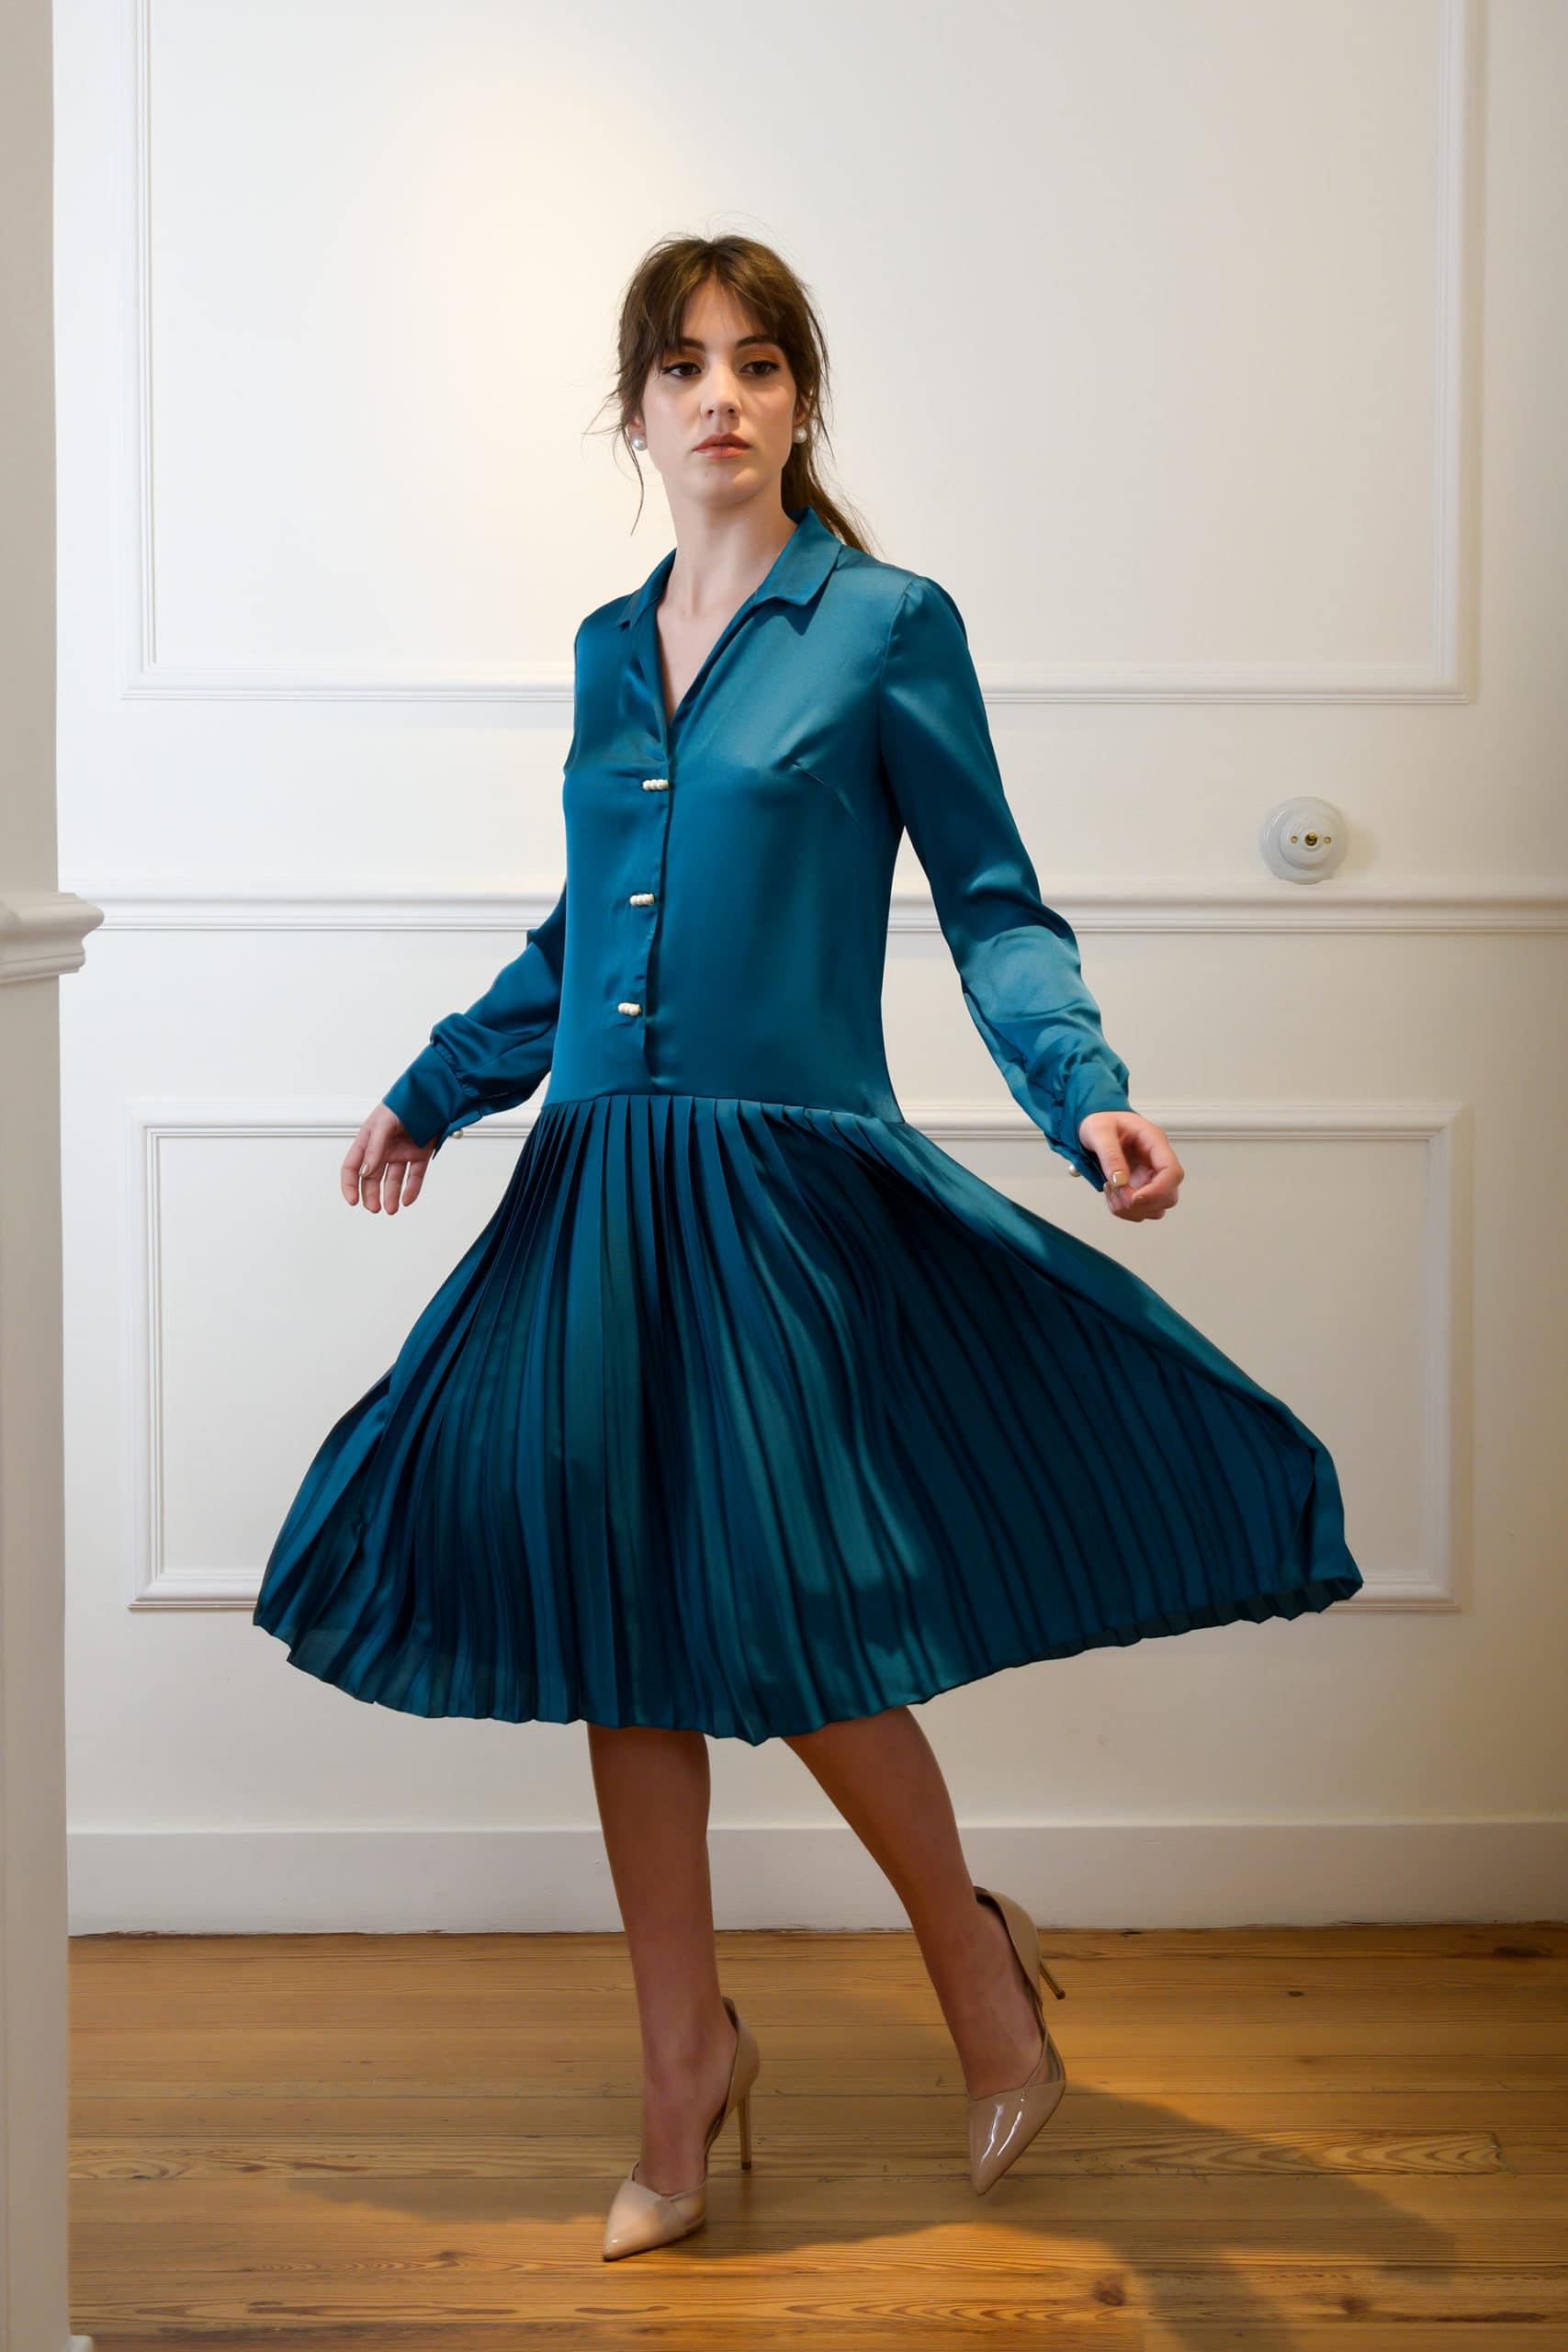 Vestido de fiesta hecho a medida en atelier de A Coruña. Vestido recto, estilo años 20, de talle bajo y falda plisada. Manga larga con puños y cuello camisero.